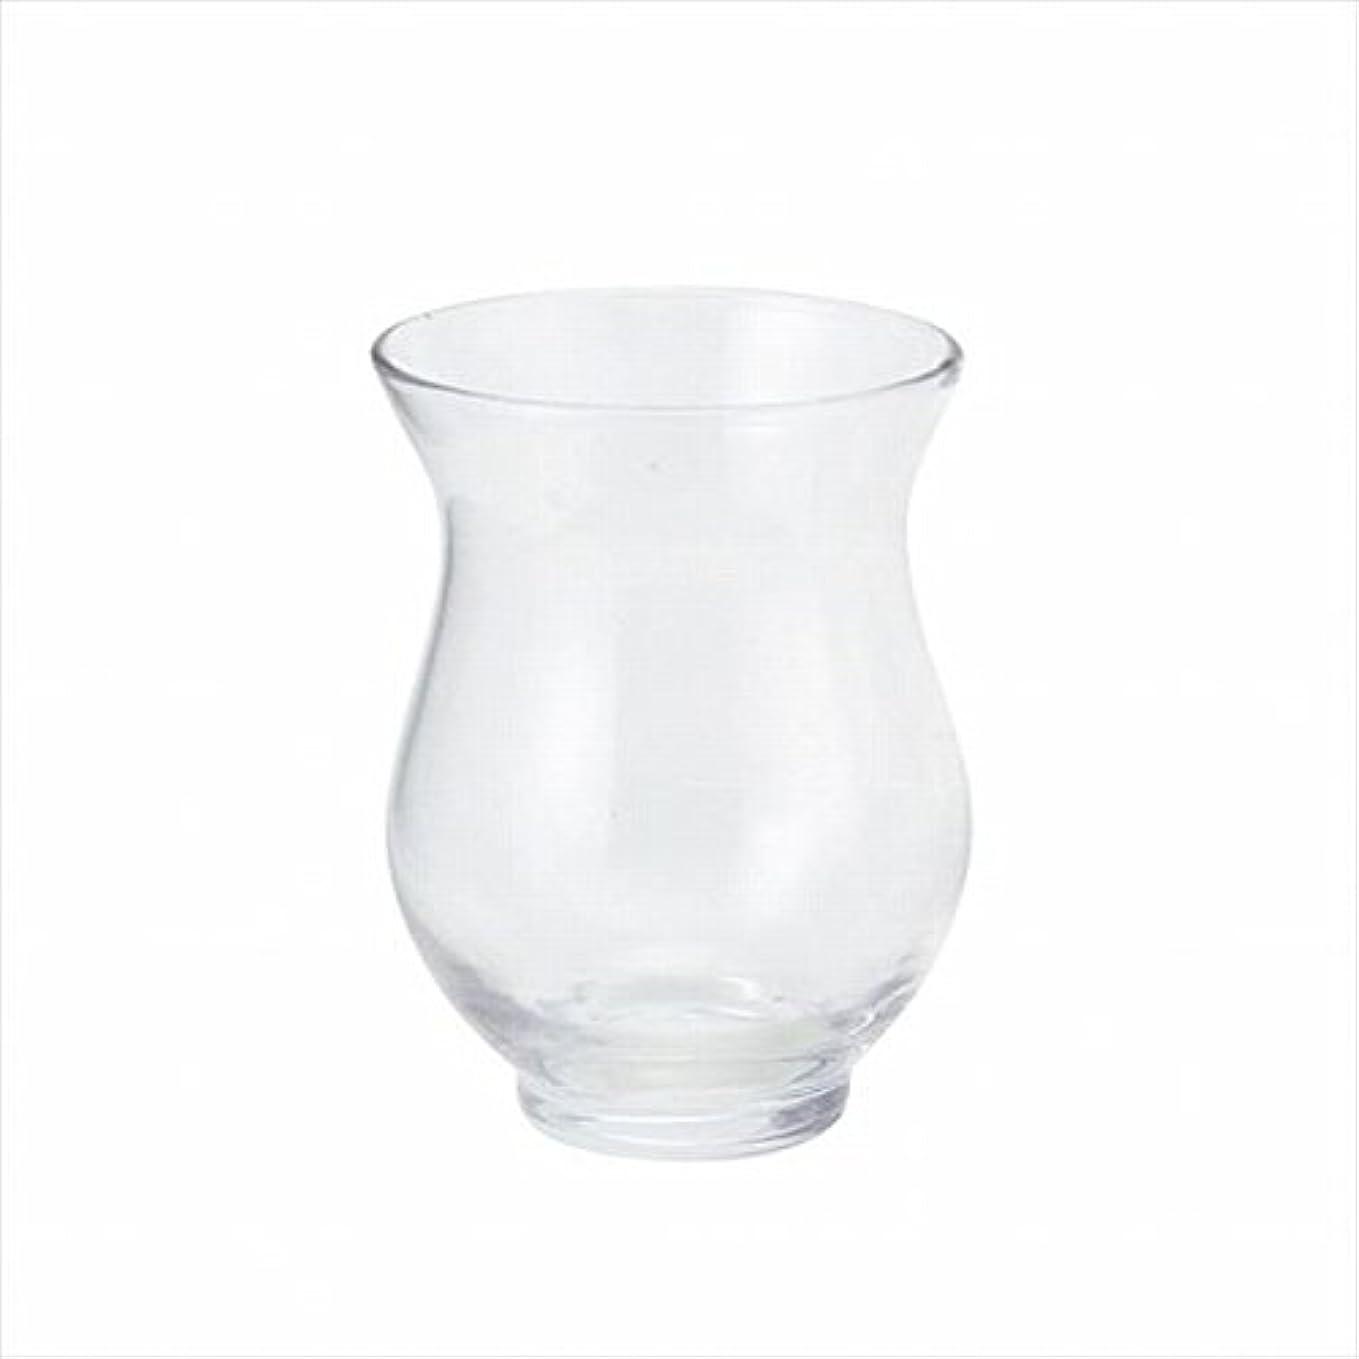 引き算困惑するコントロールkameyama candle(カメヤマキャンドル) ウィンドライトエレガンスS キャンドル 75x75x100mm (D3825023)